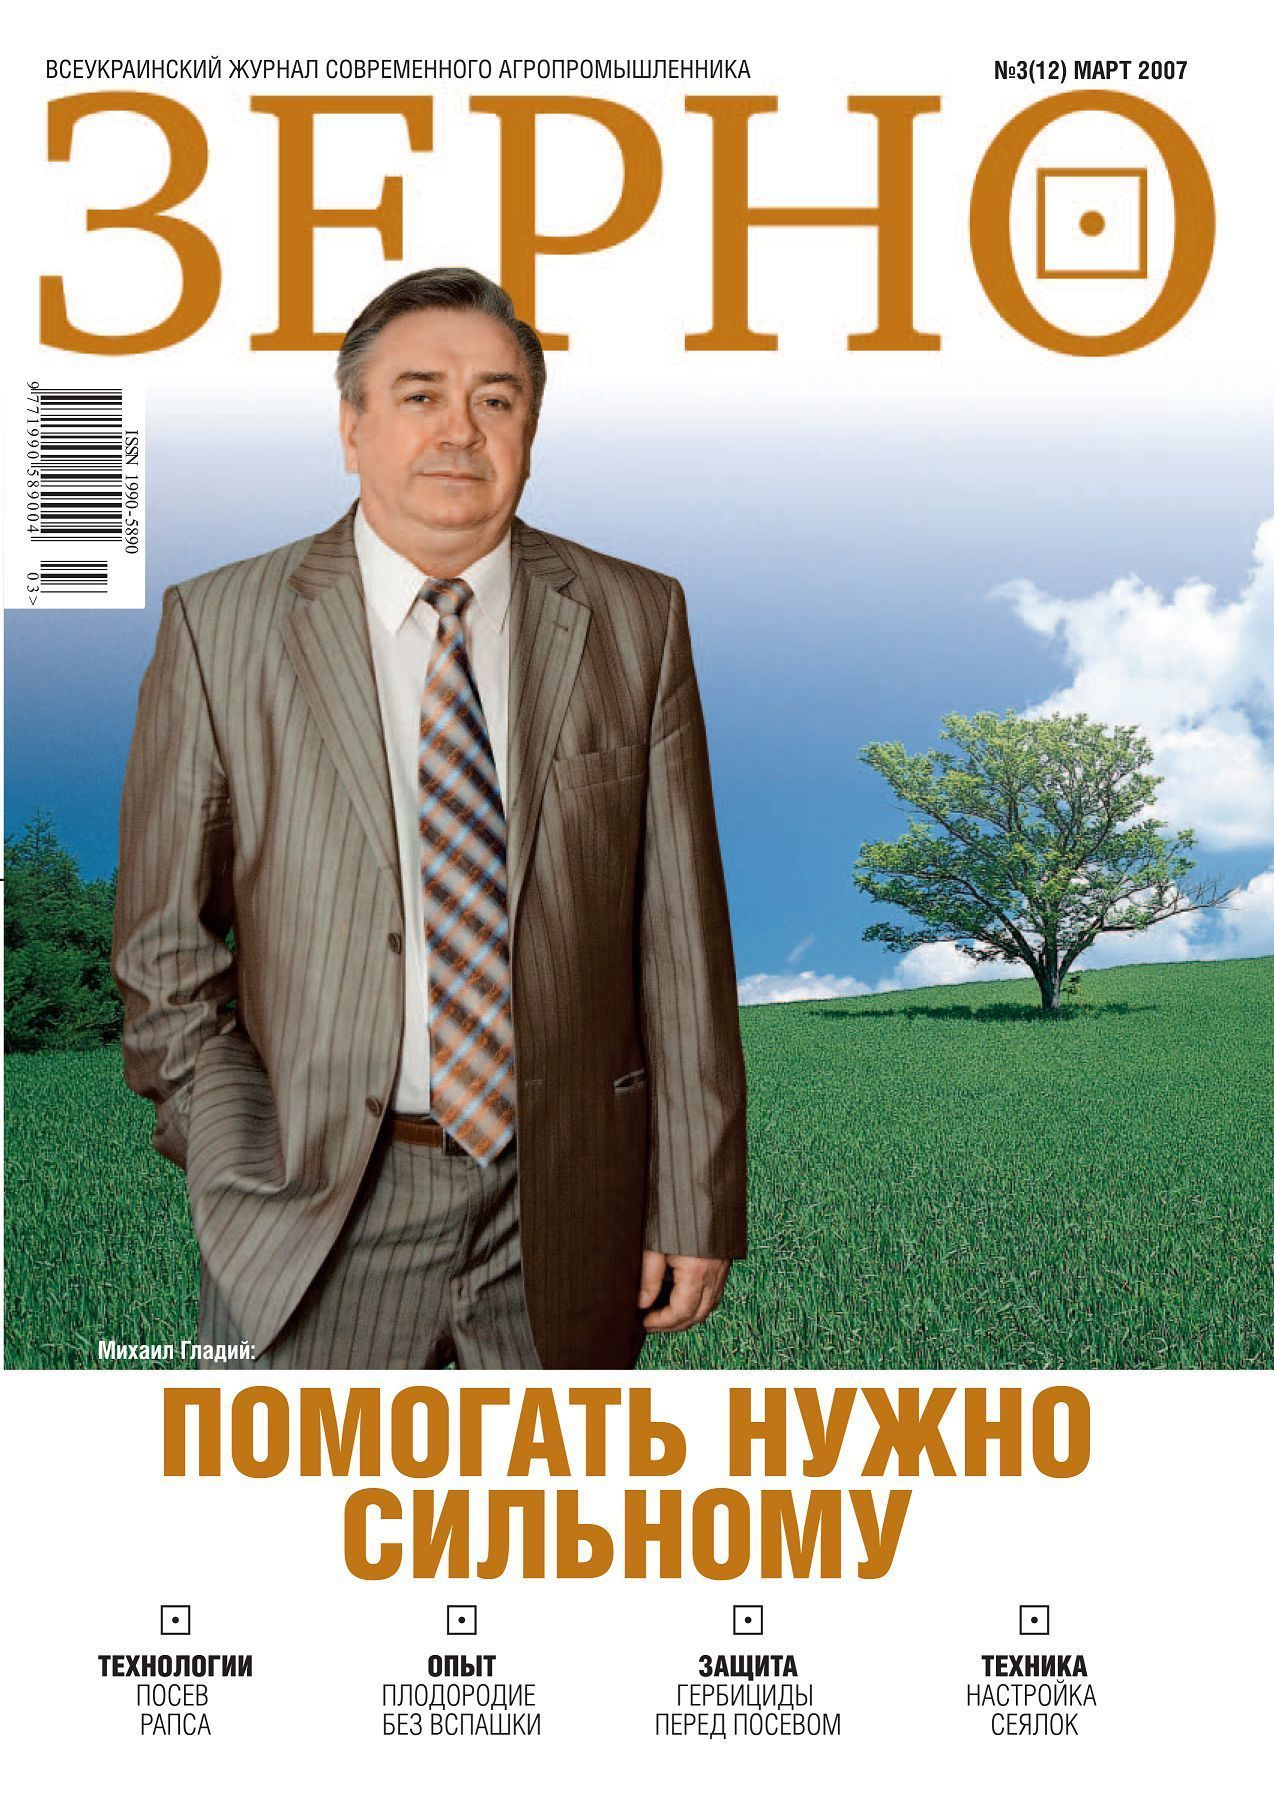 Март 2007 год